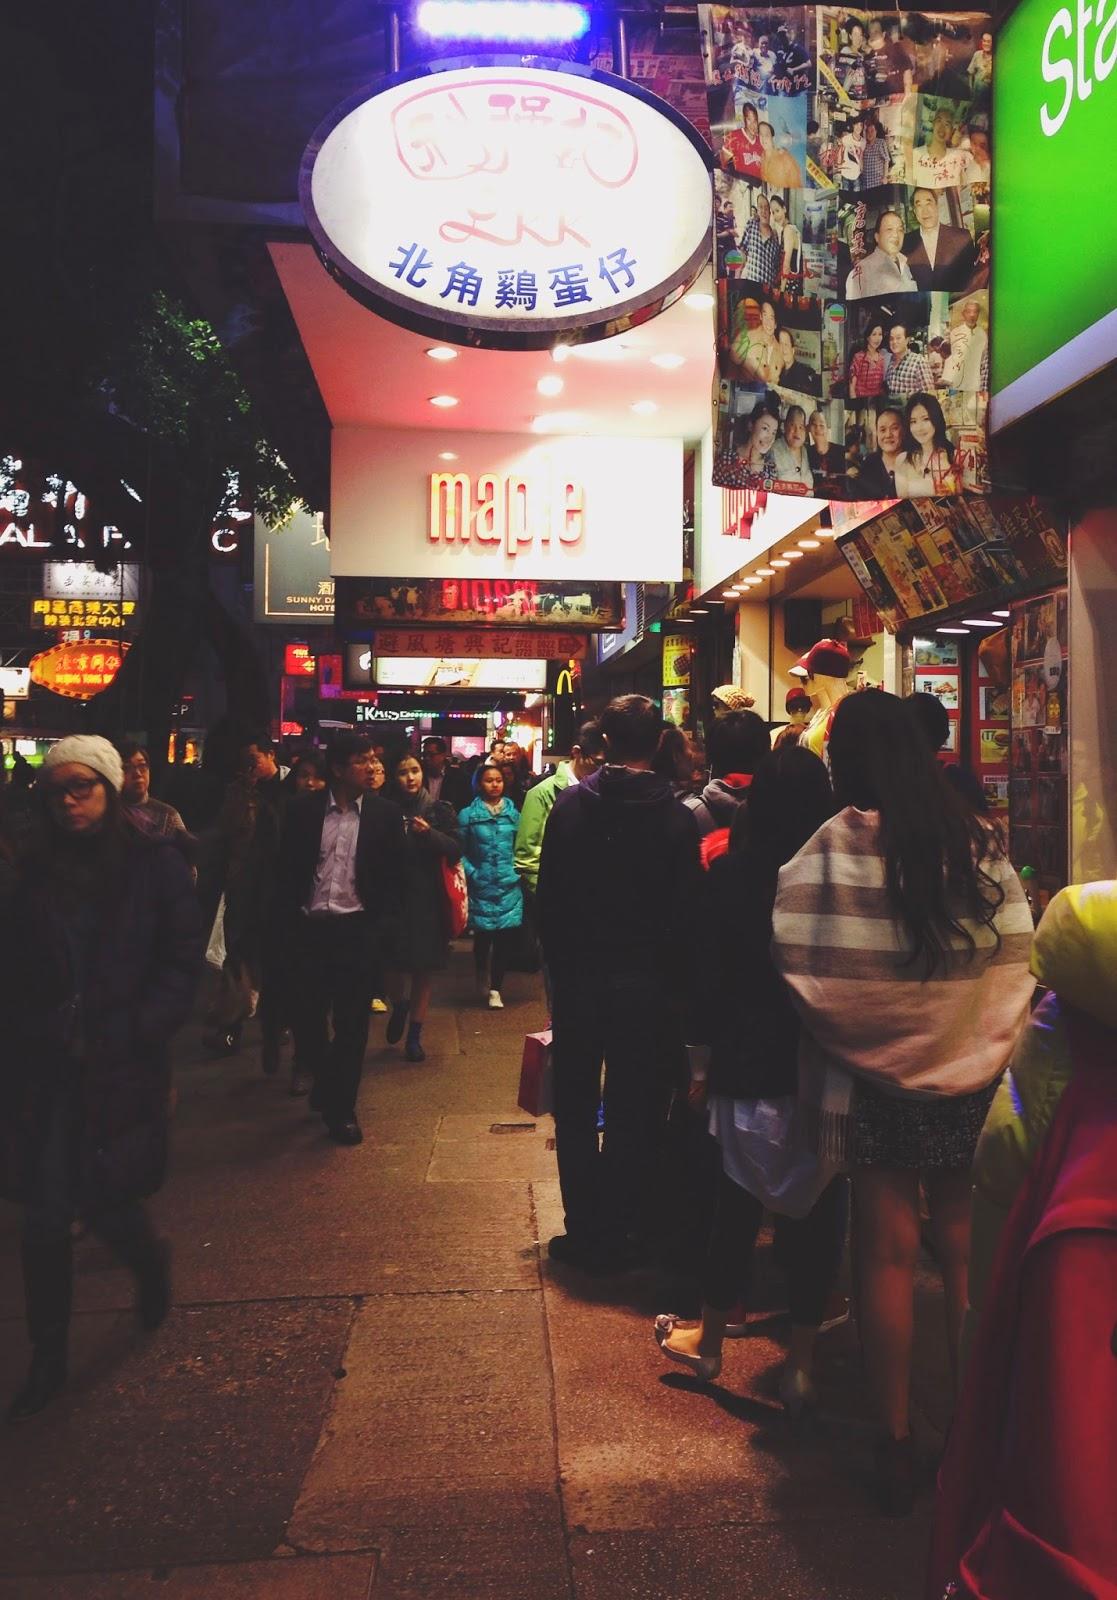 Lee Keung Kee LKK Eggette at Nathan Road, Tsim Sha Tsui (利強記北角雞蛋仔)